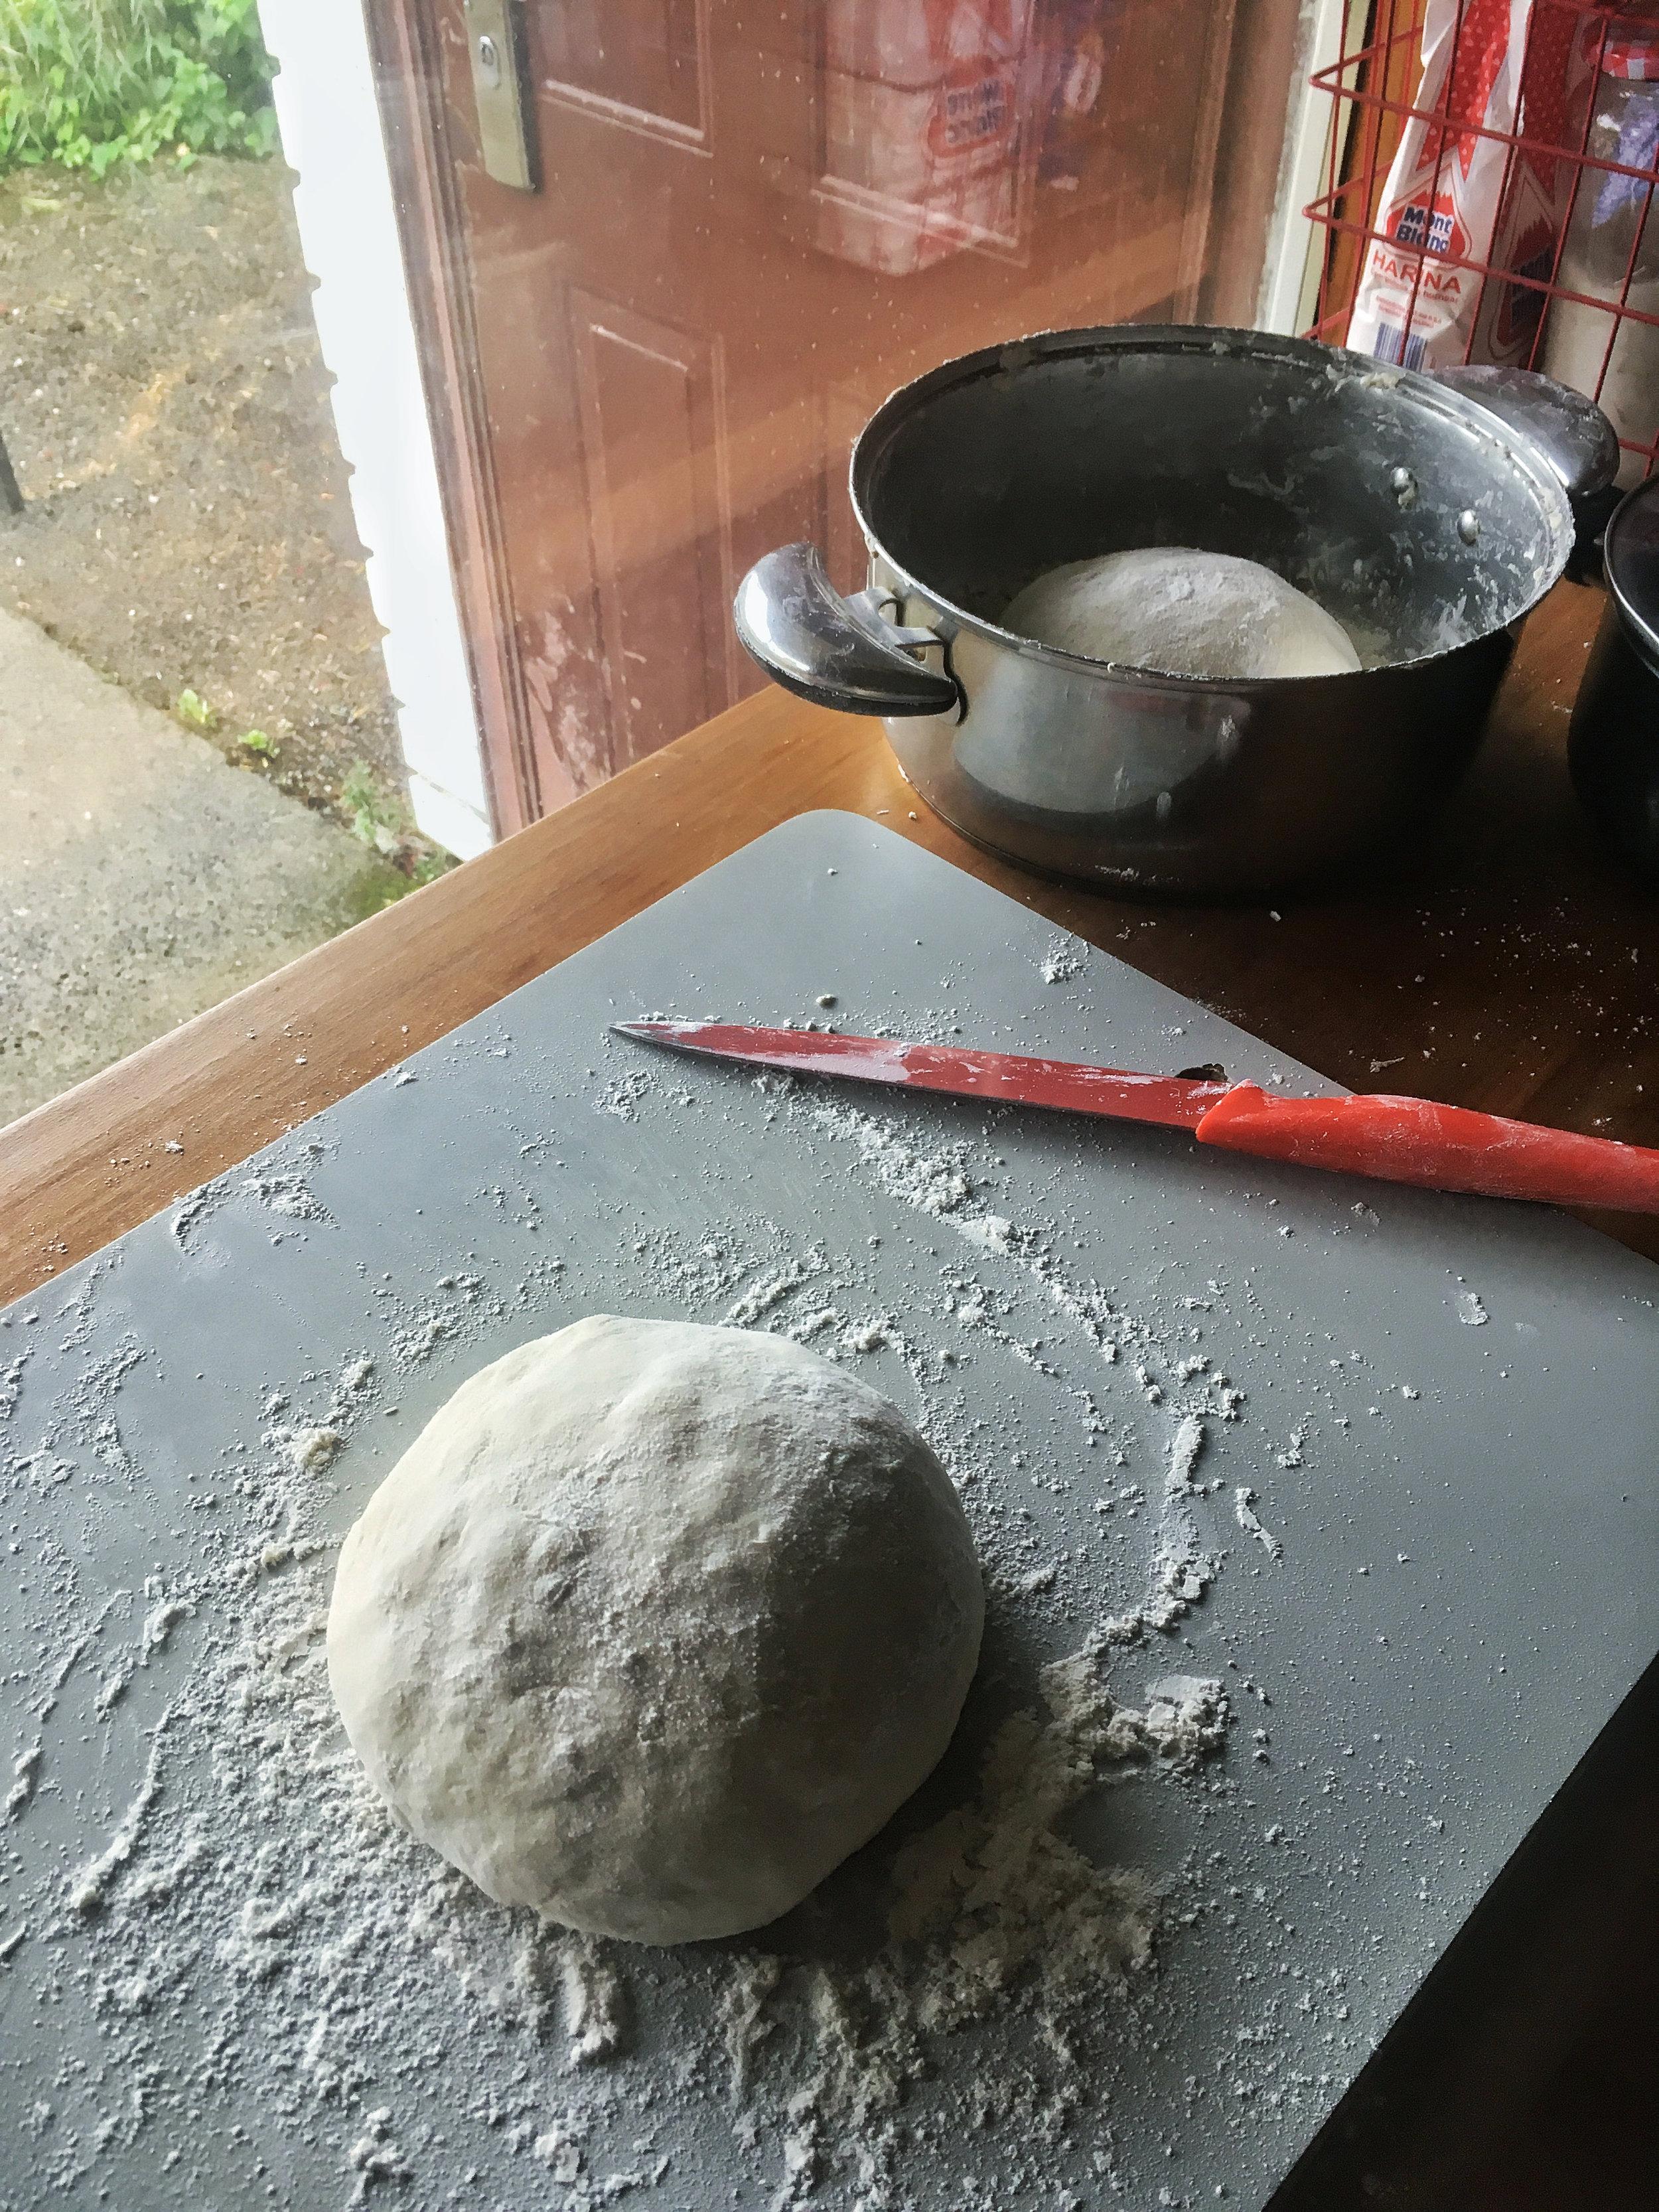 Breads taking shape